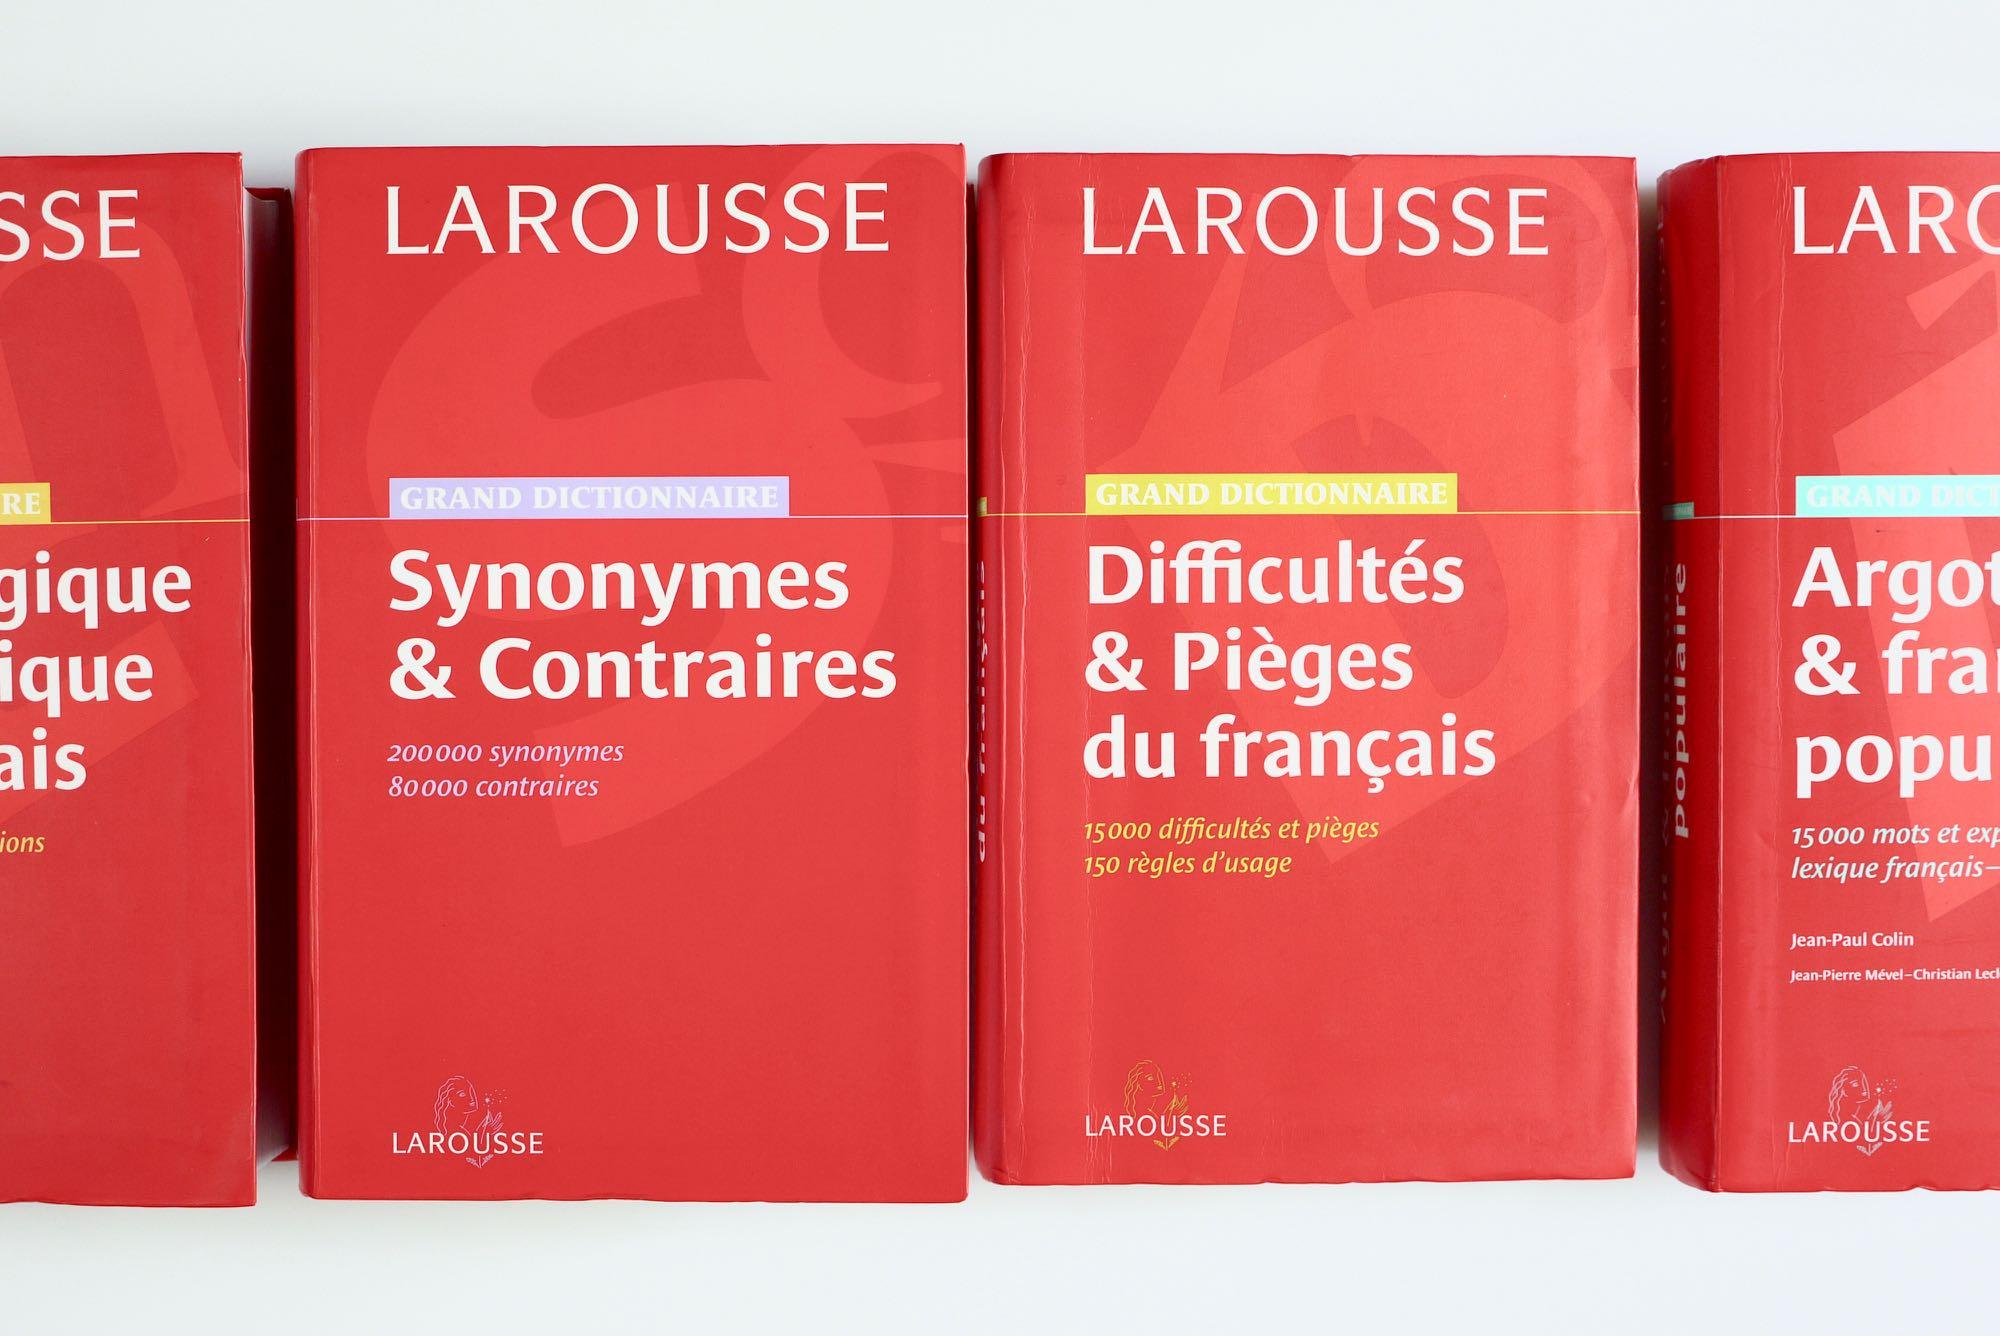 Larousse dictionaries